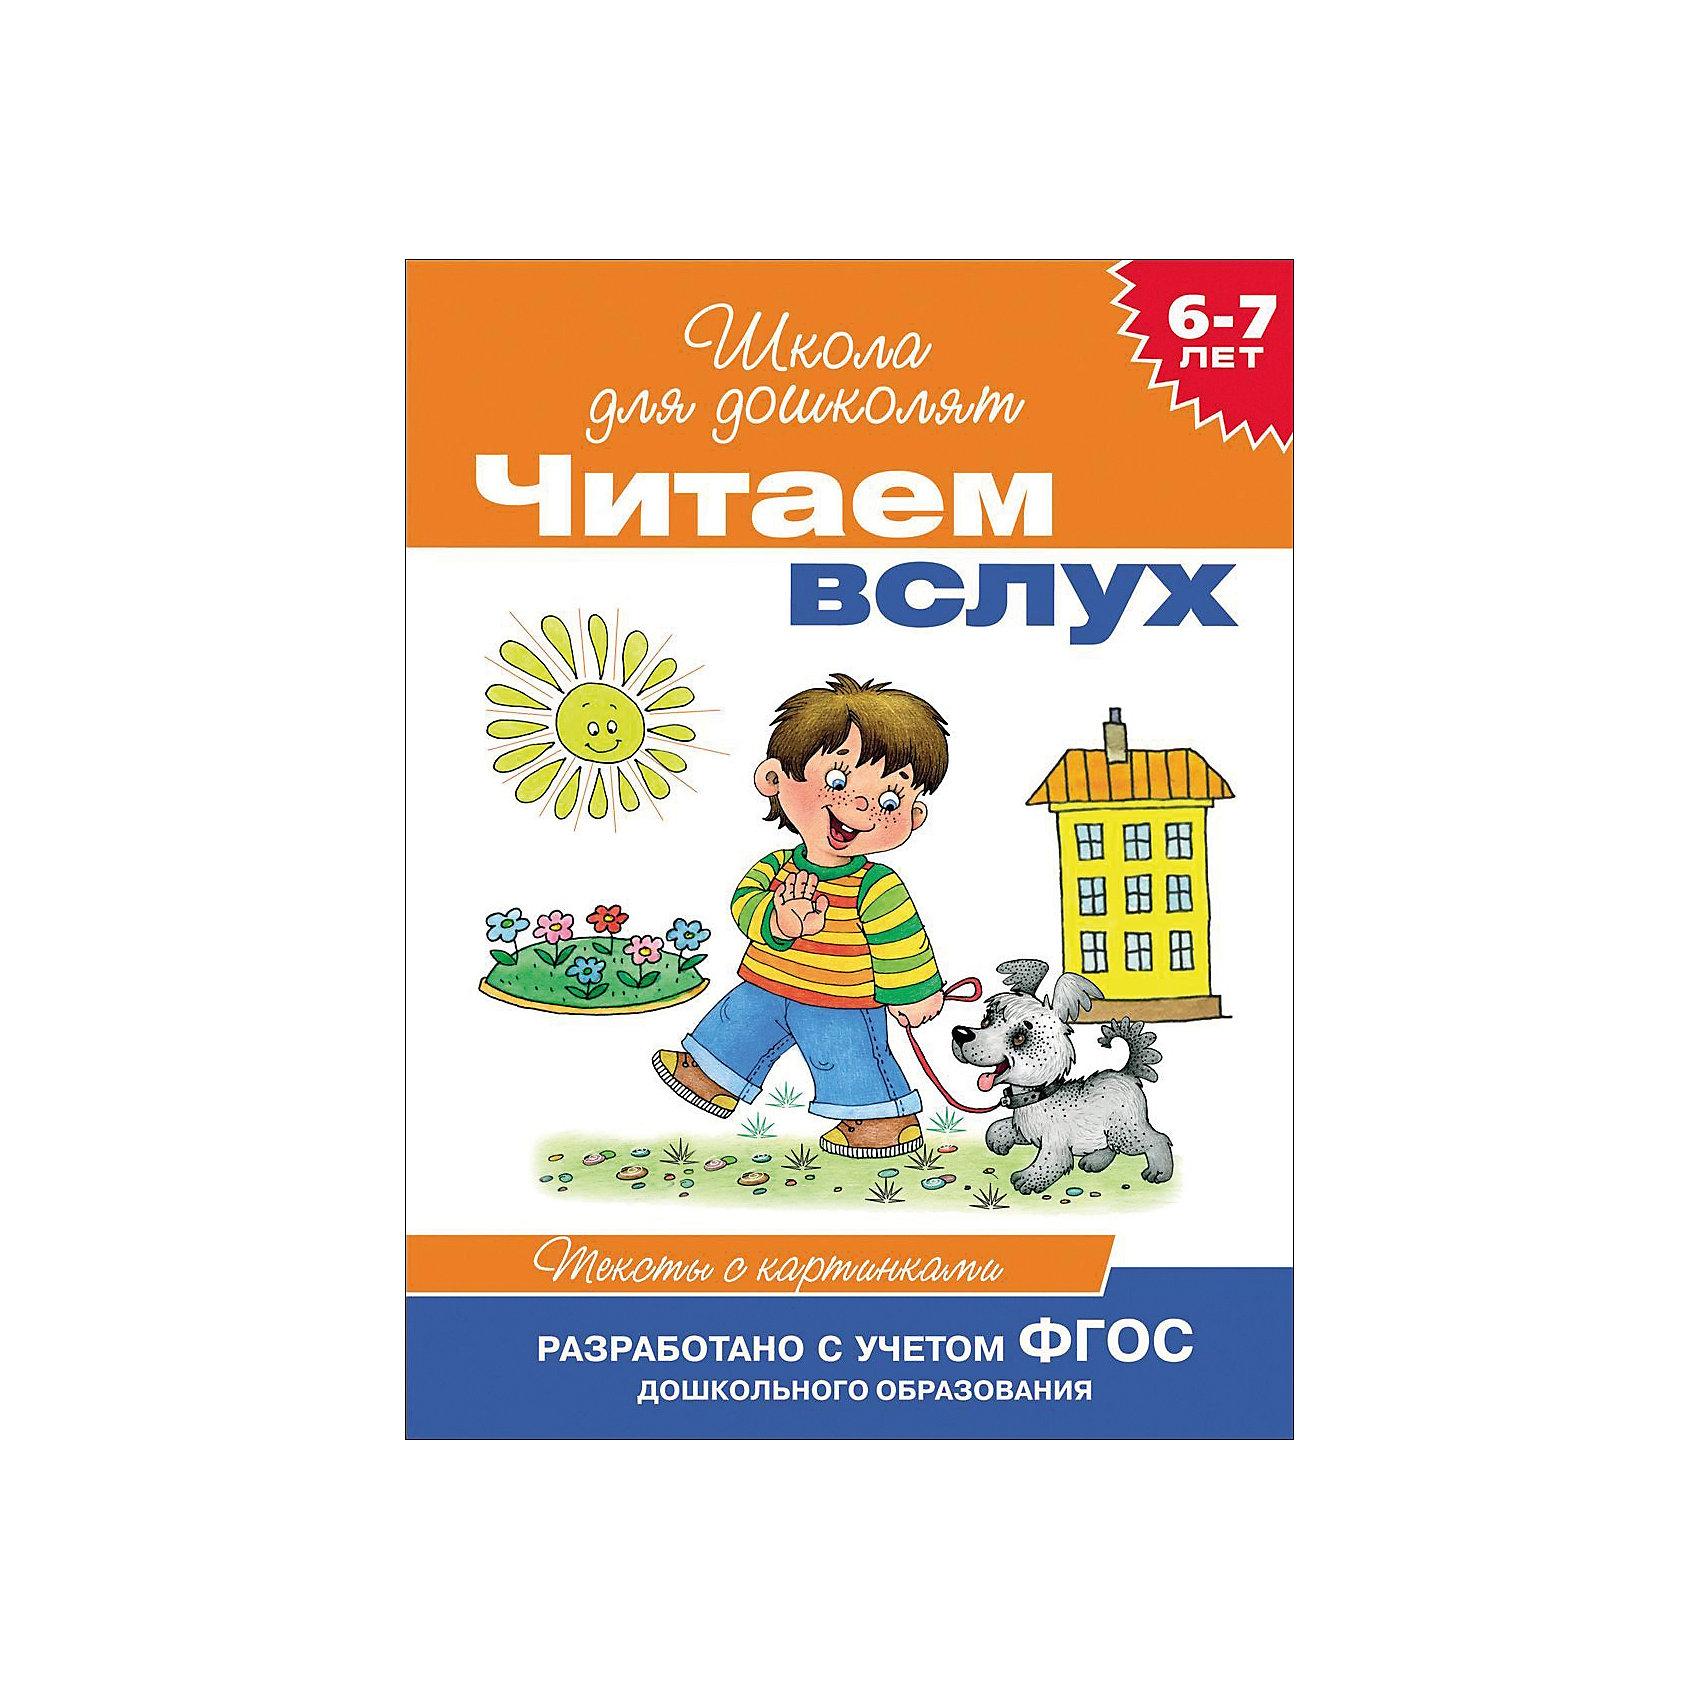 Читаем вслух. Тексты с картинками (оранжевая)Характеристики товара:<br><br>- цвет: разноцветный;<br>- материал: бумага;<br>- страниц: 16;<br>- формат: 22 х 16 см;<br>- обложка: мягкая;<br>- цветные иллюстрации.<br><br>Это проработанное развивающее издание станет отличным подарком для родителей и ребенка. Оно содержит в себе короткие тексты, которые помогут ребенку подготовиться к школе. Простые интересные рассказы, написанные понятным языком и дополненные яркими картинками помогут привить любовь к учебе!<br>Такое чтение помогает ребенку развивать нужные навки, зрительную память, концентрацию внимания и воображение. Издание произведено из качественных материалов, которые безопасны даже для самых маленьких.<br><br>Издание Читаем вслух. Тексты с картинками (оранжевая) от компании Росмэн можно купить в нашем интернет-магазине.<br><br>Ширина мм: 216<br>Глубина мм: 163<br>Высота мм: 2<br>Вес г: 30<br>Возраст от месяцев: 60<br>Возраст до месяцев: 84<br>Пол: Унисекс<br>Возраст: Детский<br>SKU: 5110208